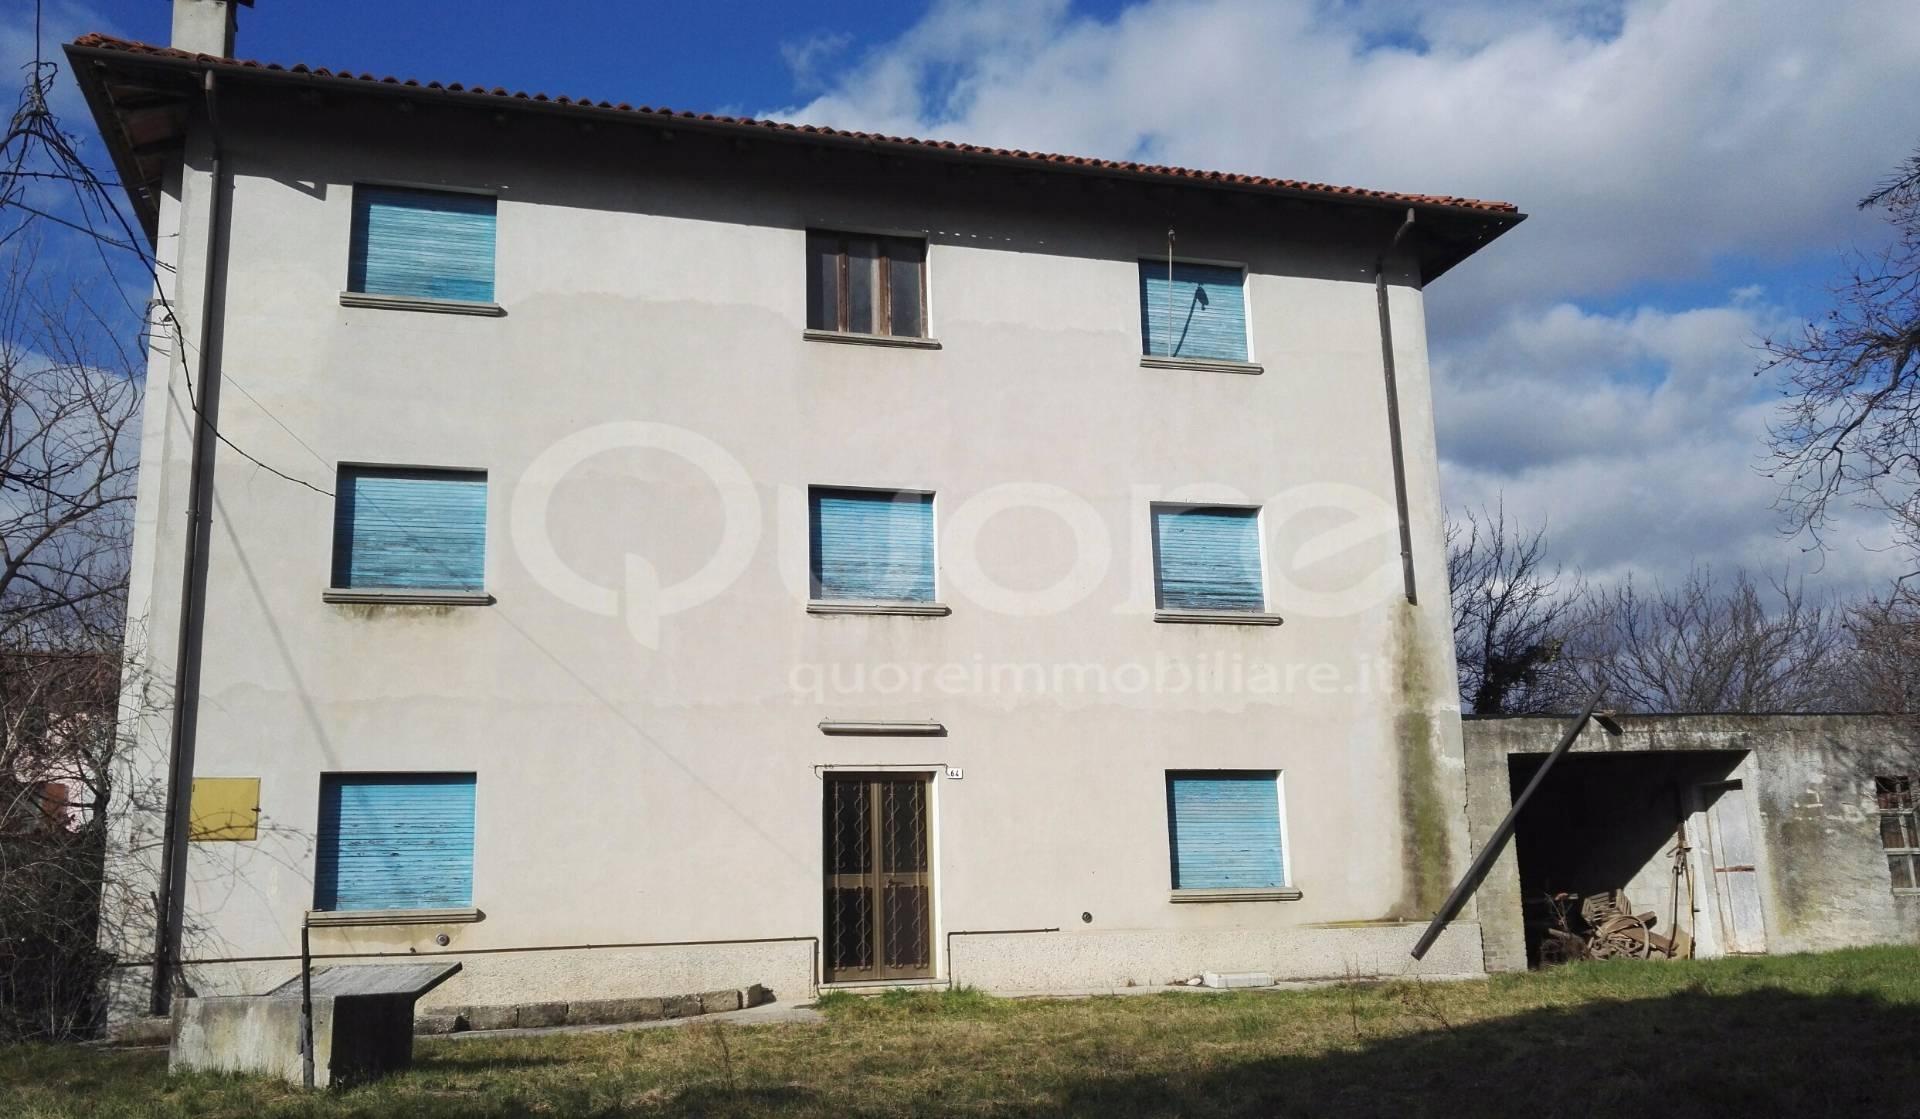 Soluzione Indipendente in Vendita a Pozzuolo del Friuli